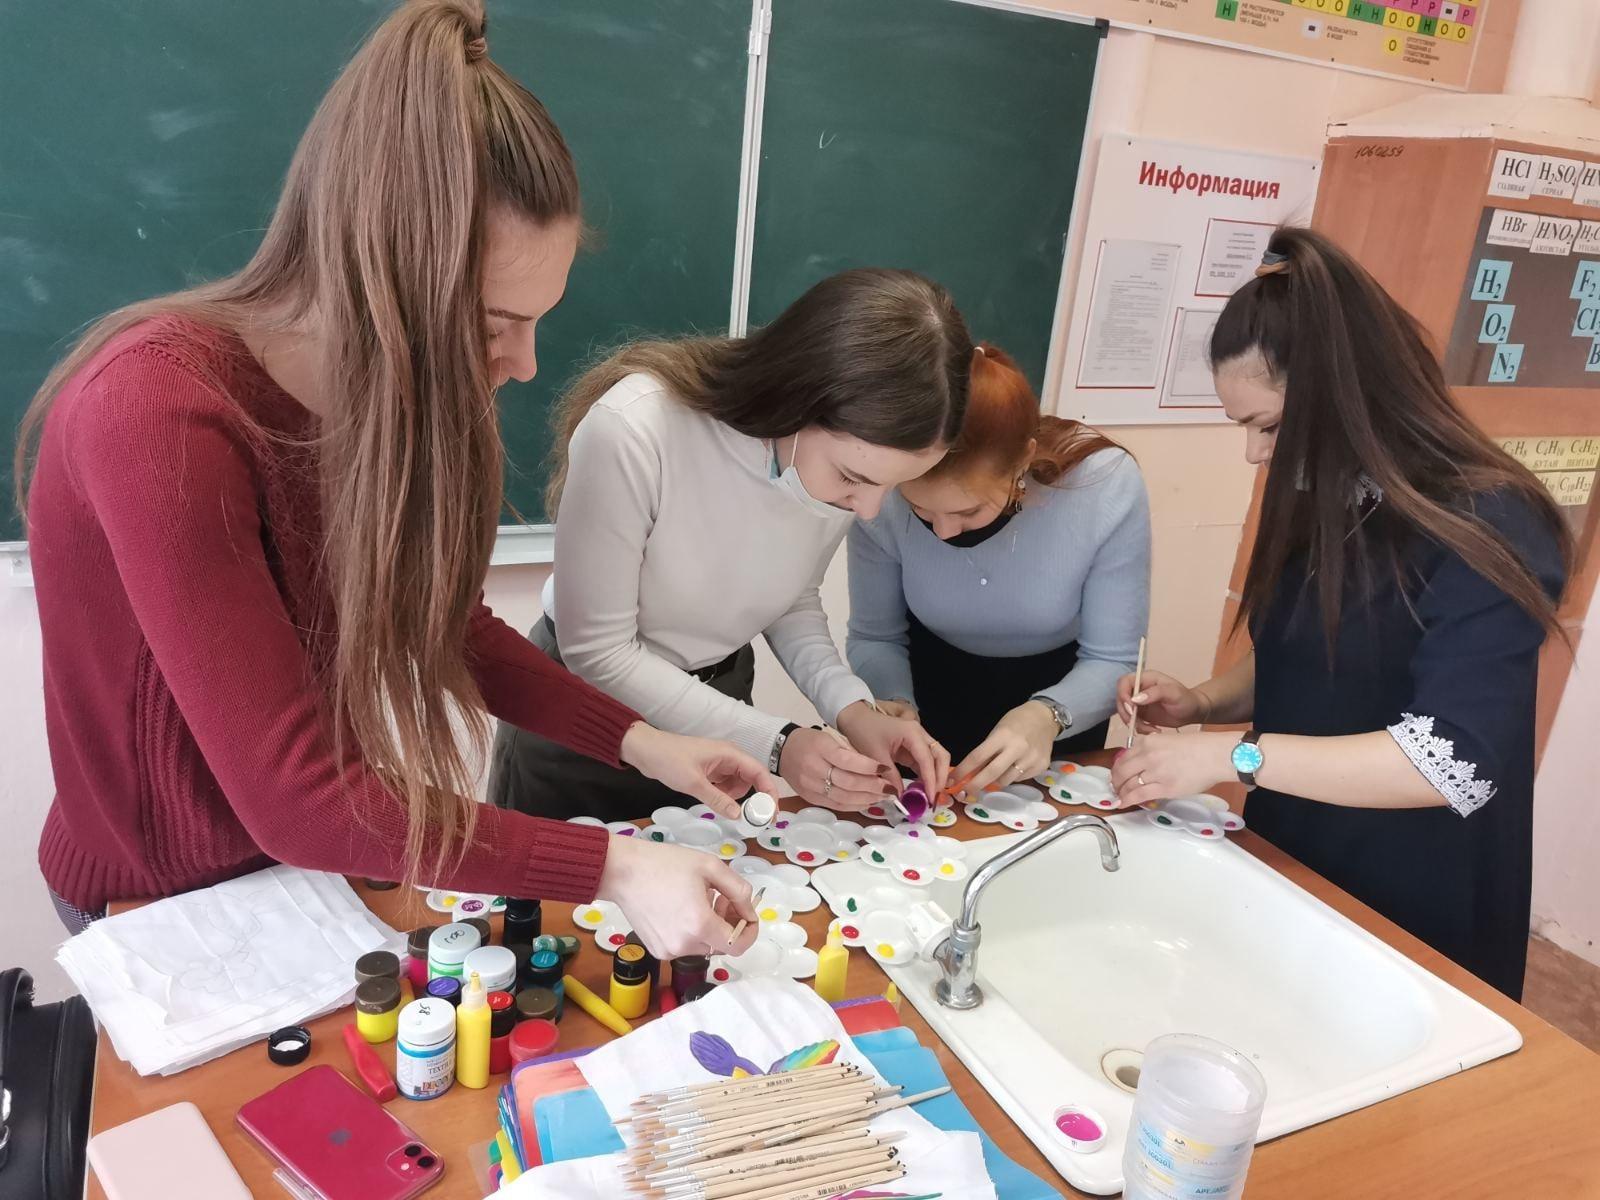 Студенты Мининского университета провели мастер-класс